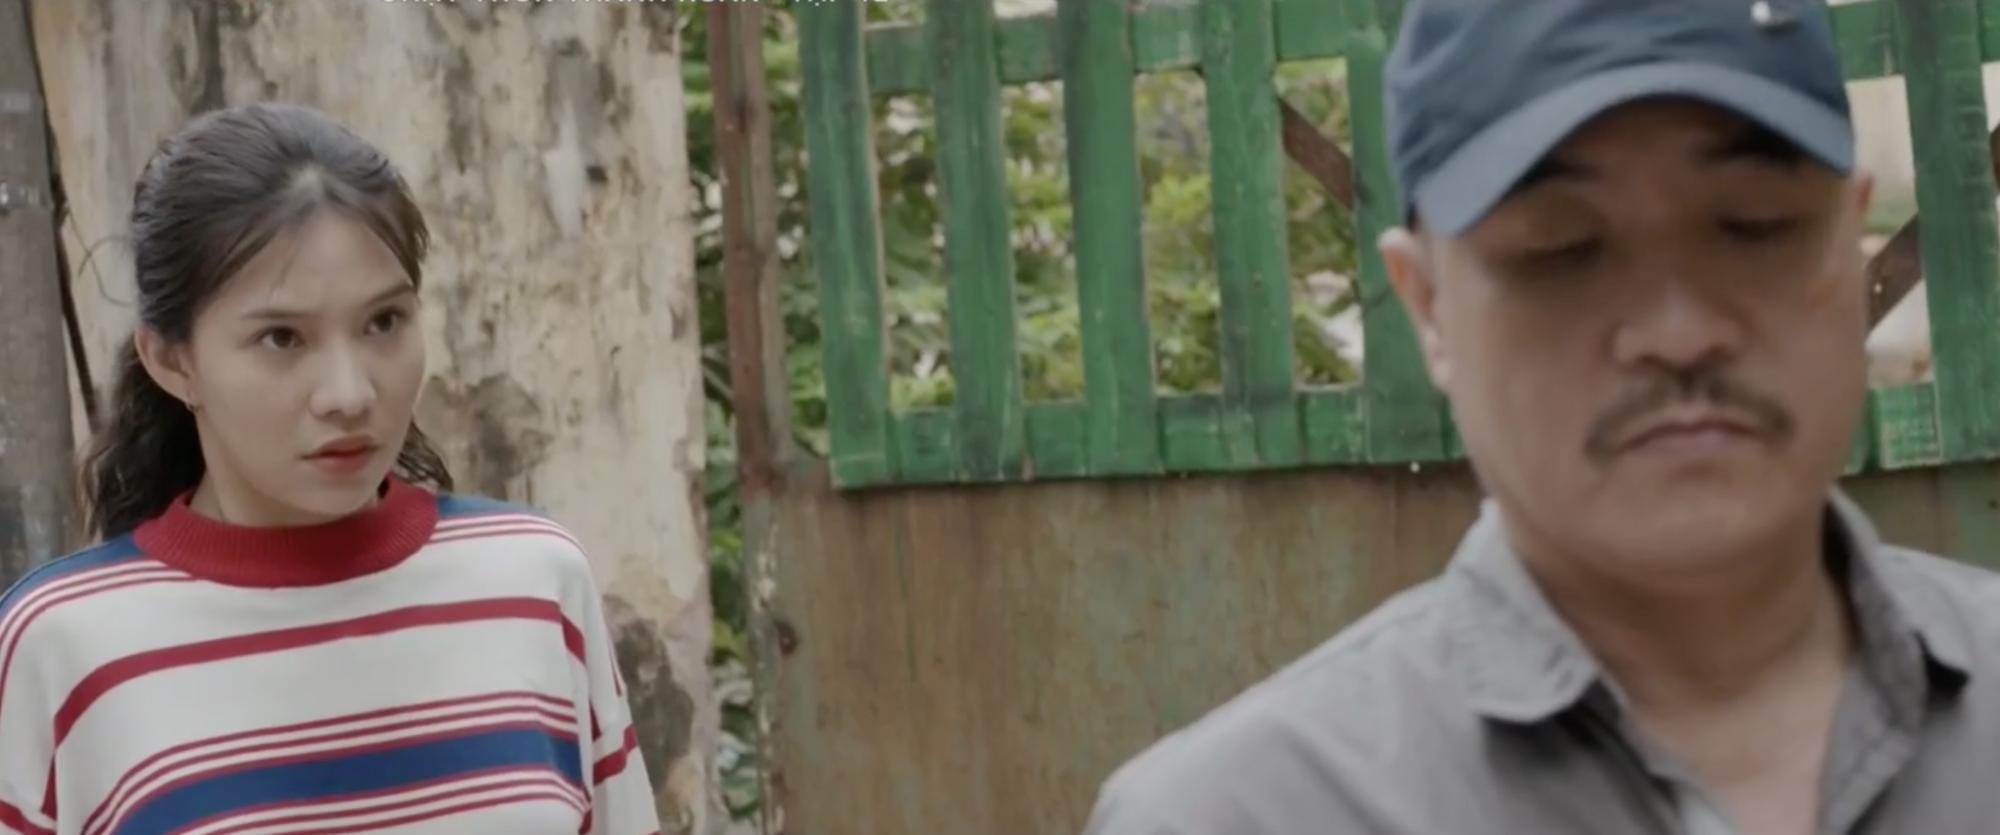 Lưu Đê Ly đối diện với nỗi ám ảnh cuộc đời, Huỳnh Anh nhanh chóng ra tay trong Chạy Trốn Thanh Xuân - Ảnh 2.